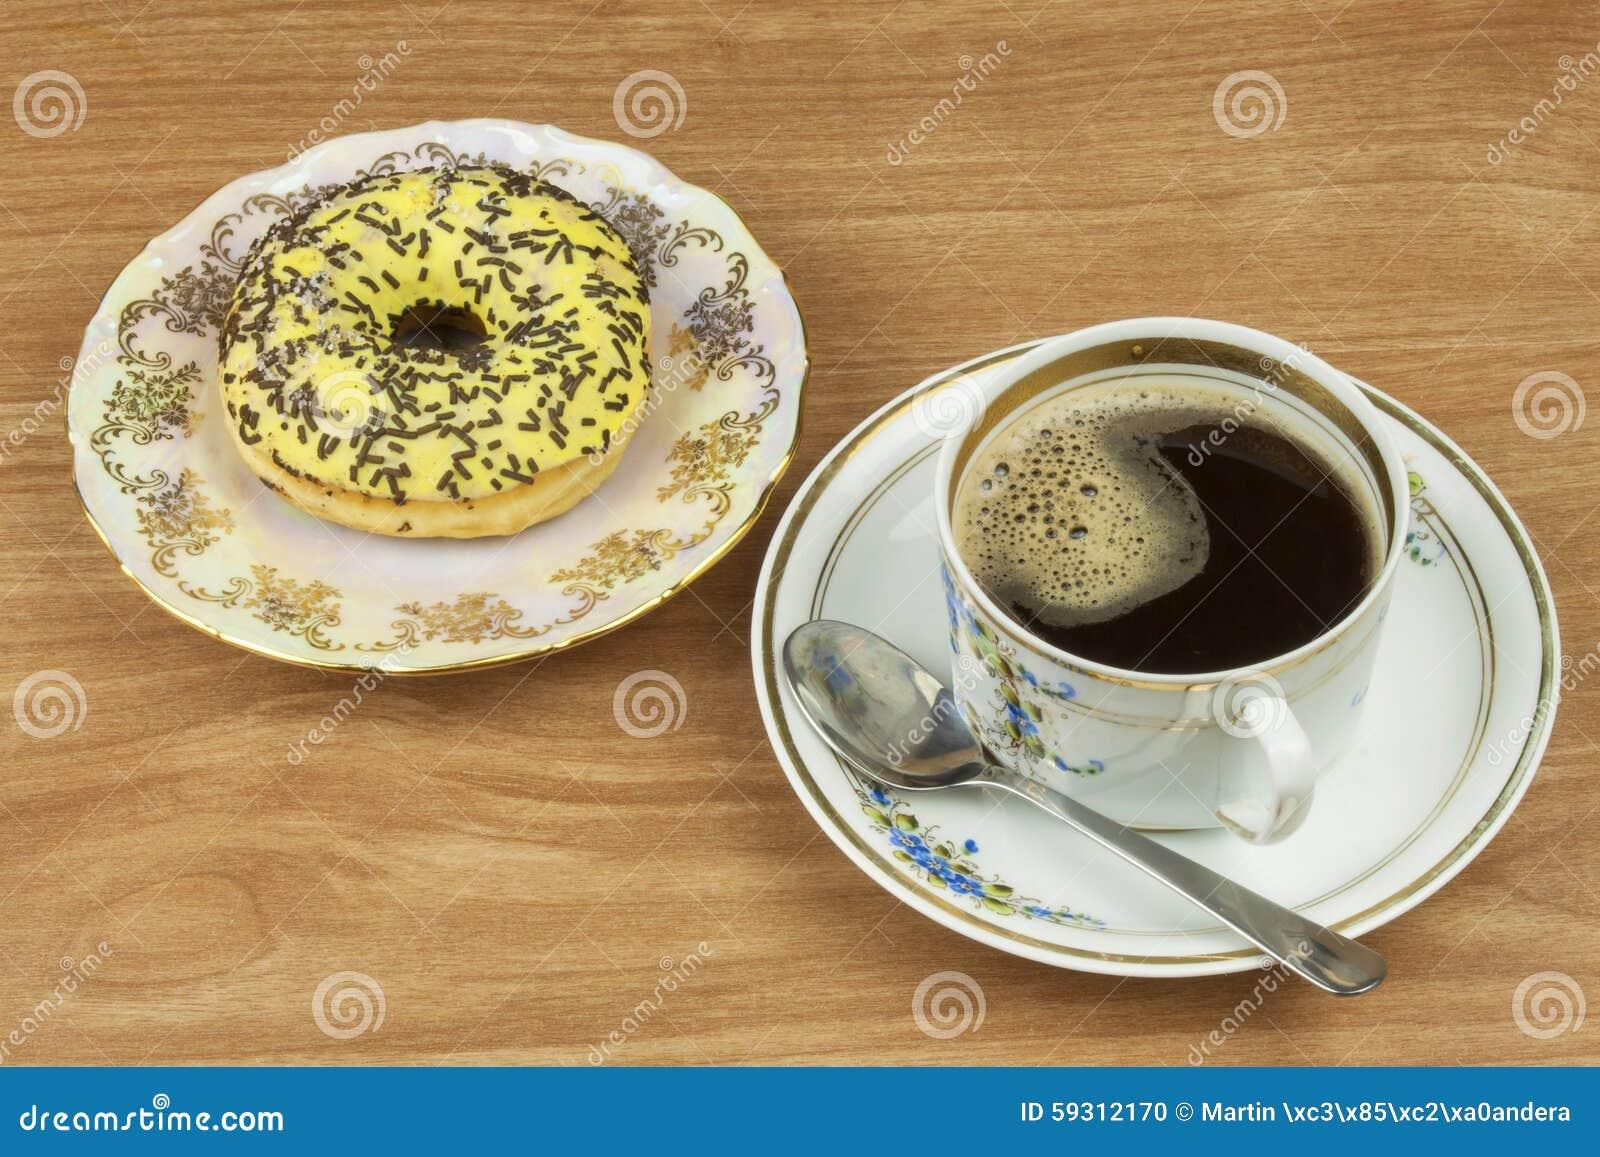 Butées toriques douces avec du café Festin doux avec du café Butées toriques en tant que vite festins faits maison Régimes de nou